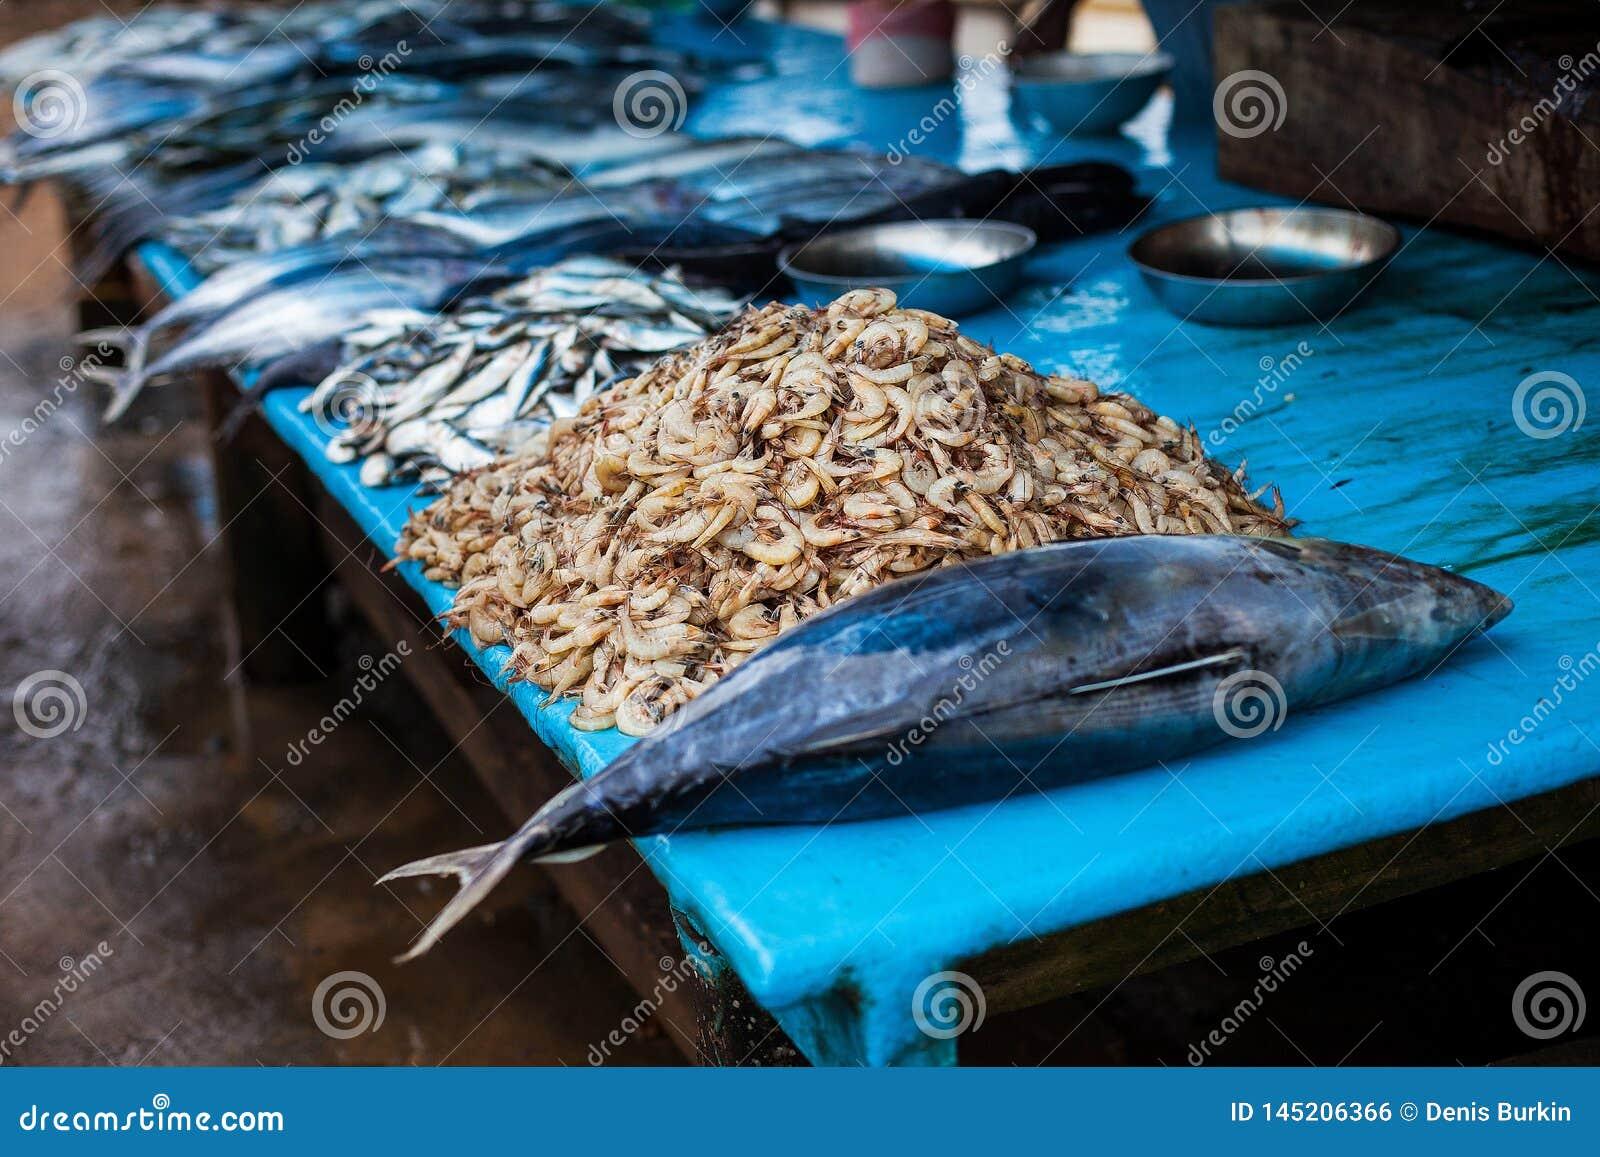 Fruits de mer au march? de poissons E r